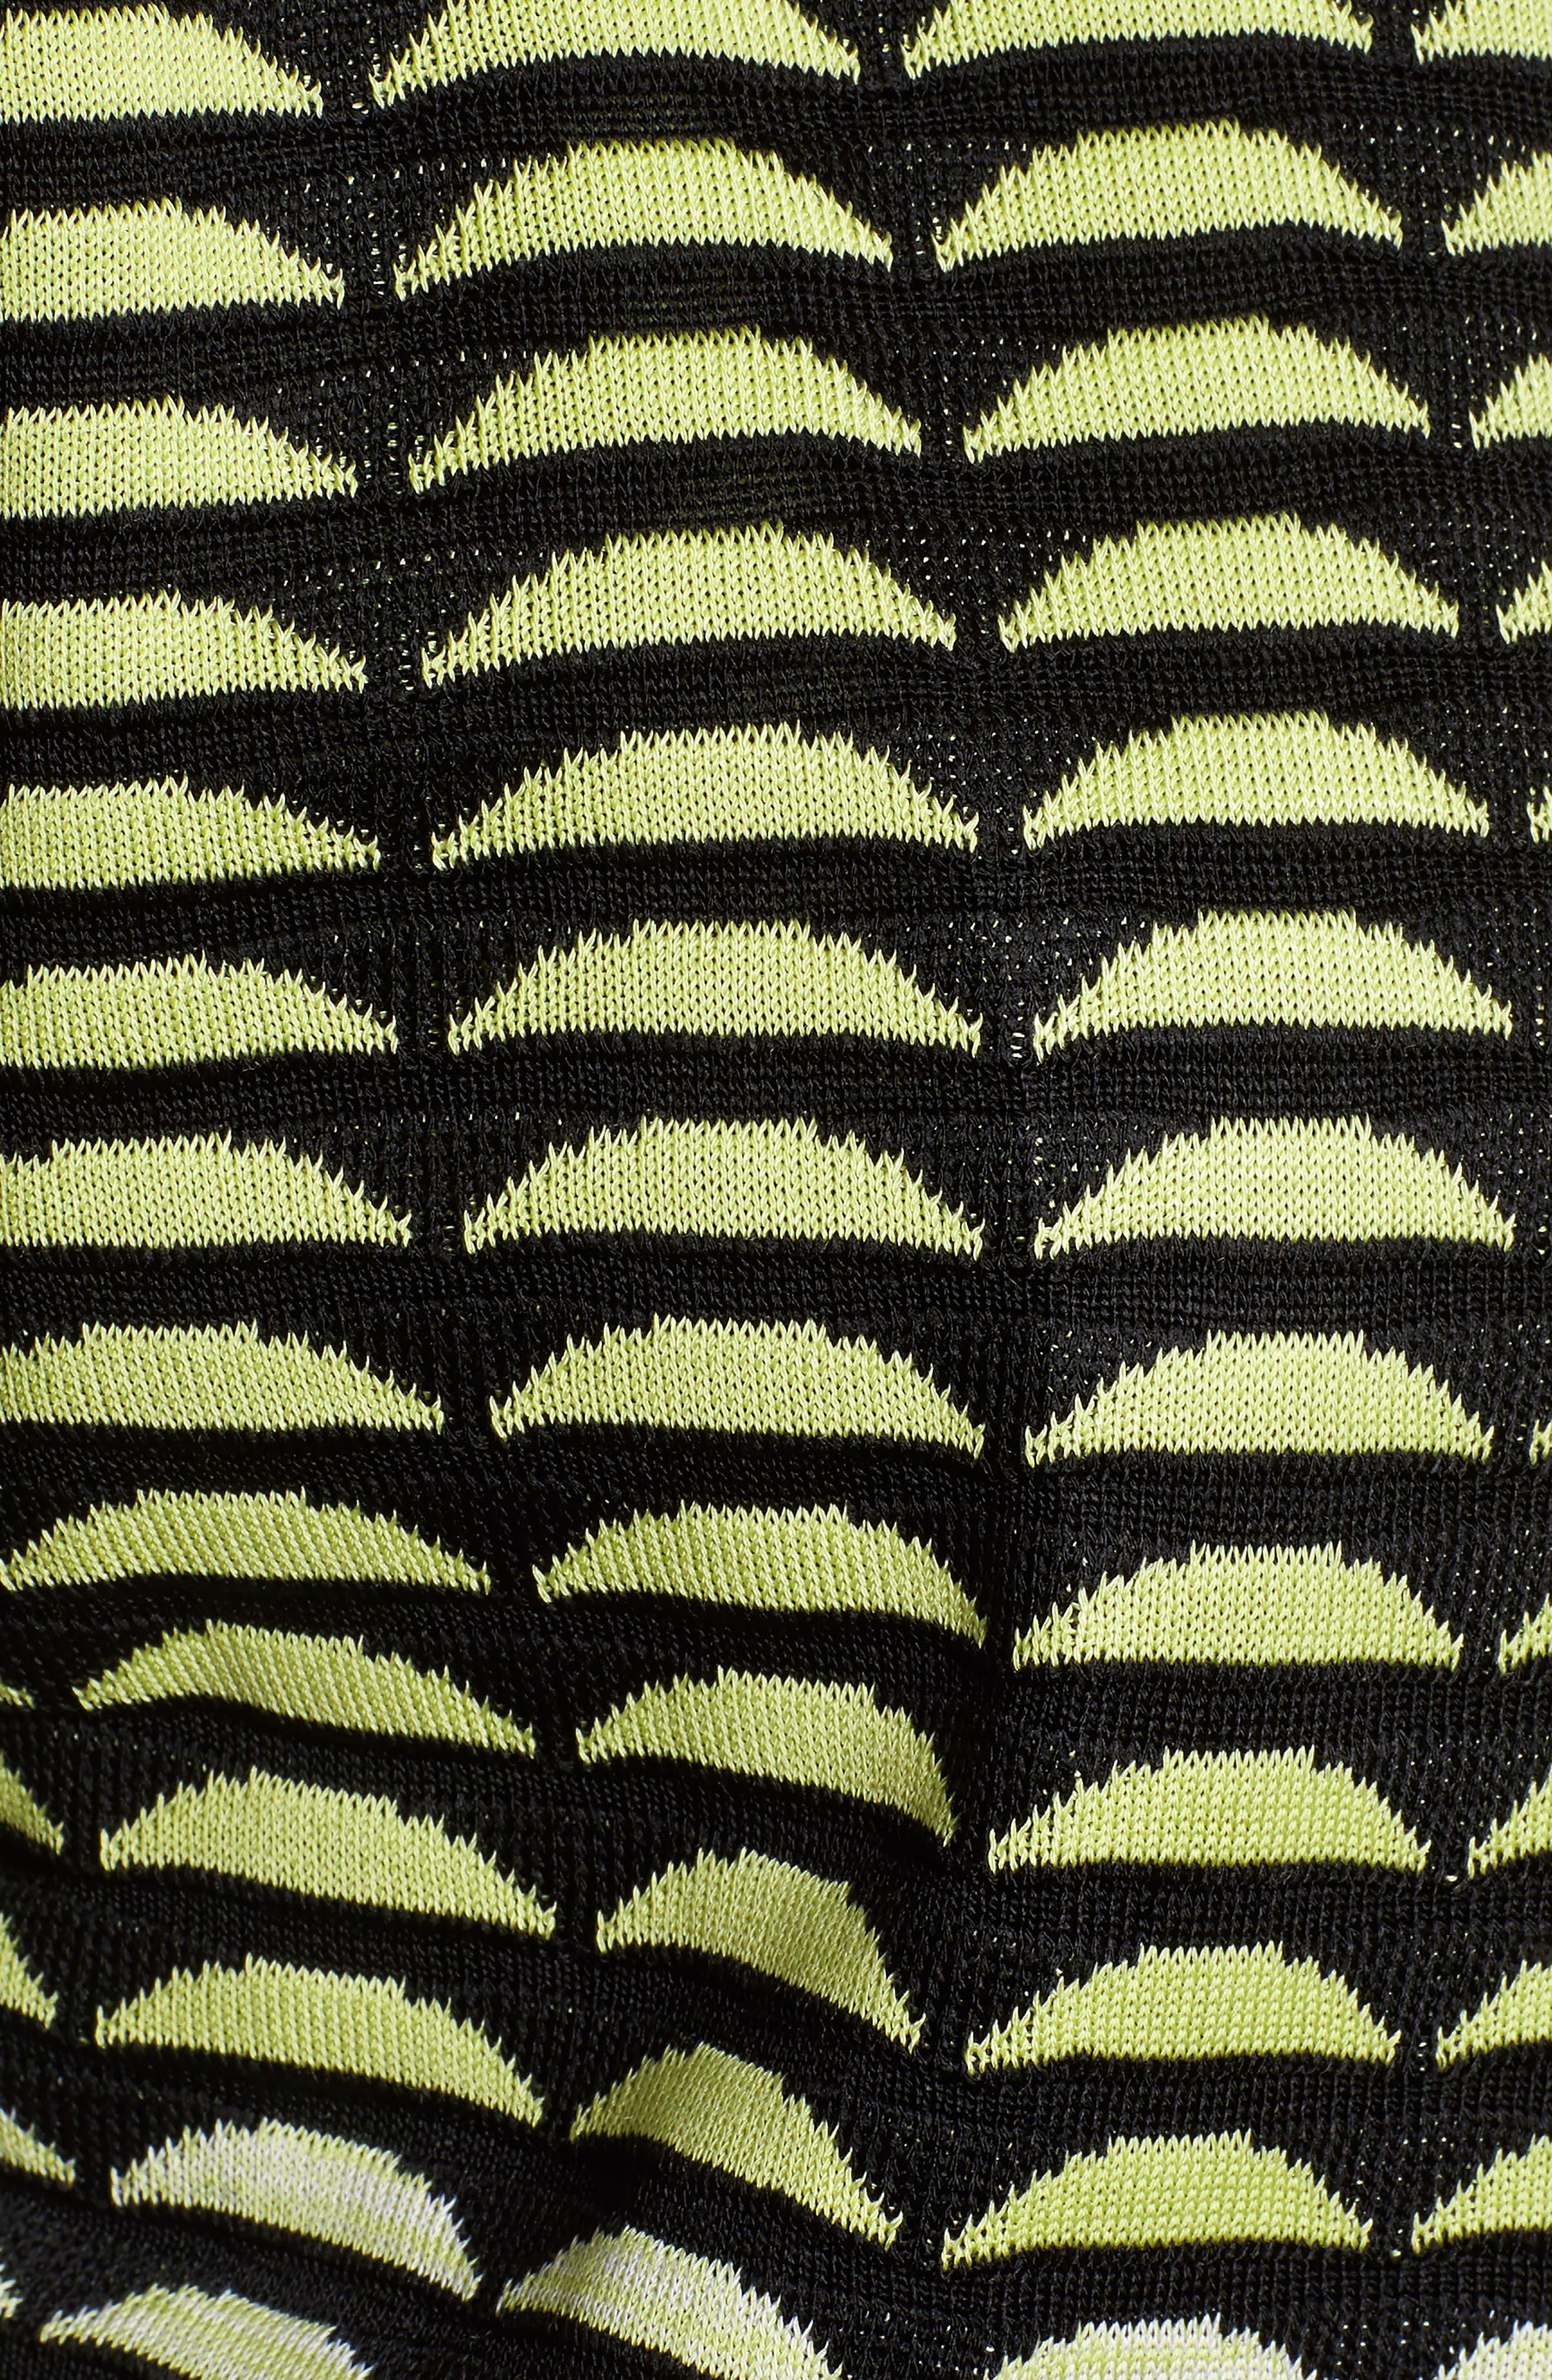 Ombré Jacquard Knit Jacket,                             Alternate thumbnail 6, color,                             727